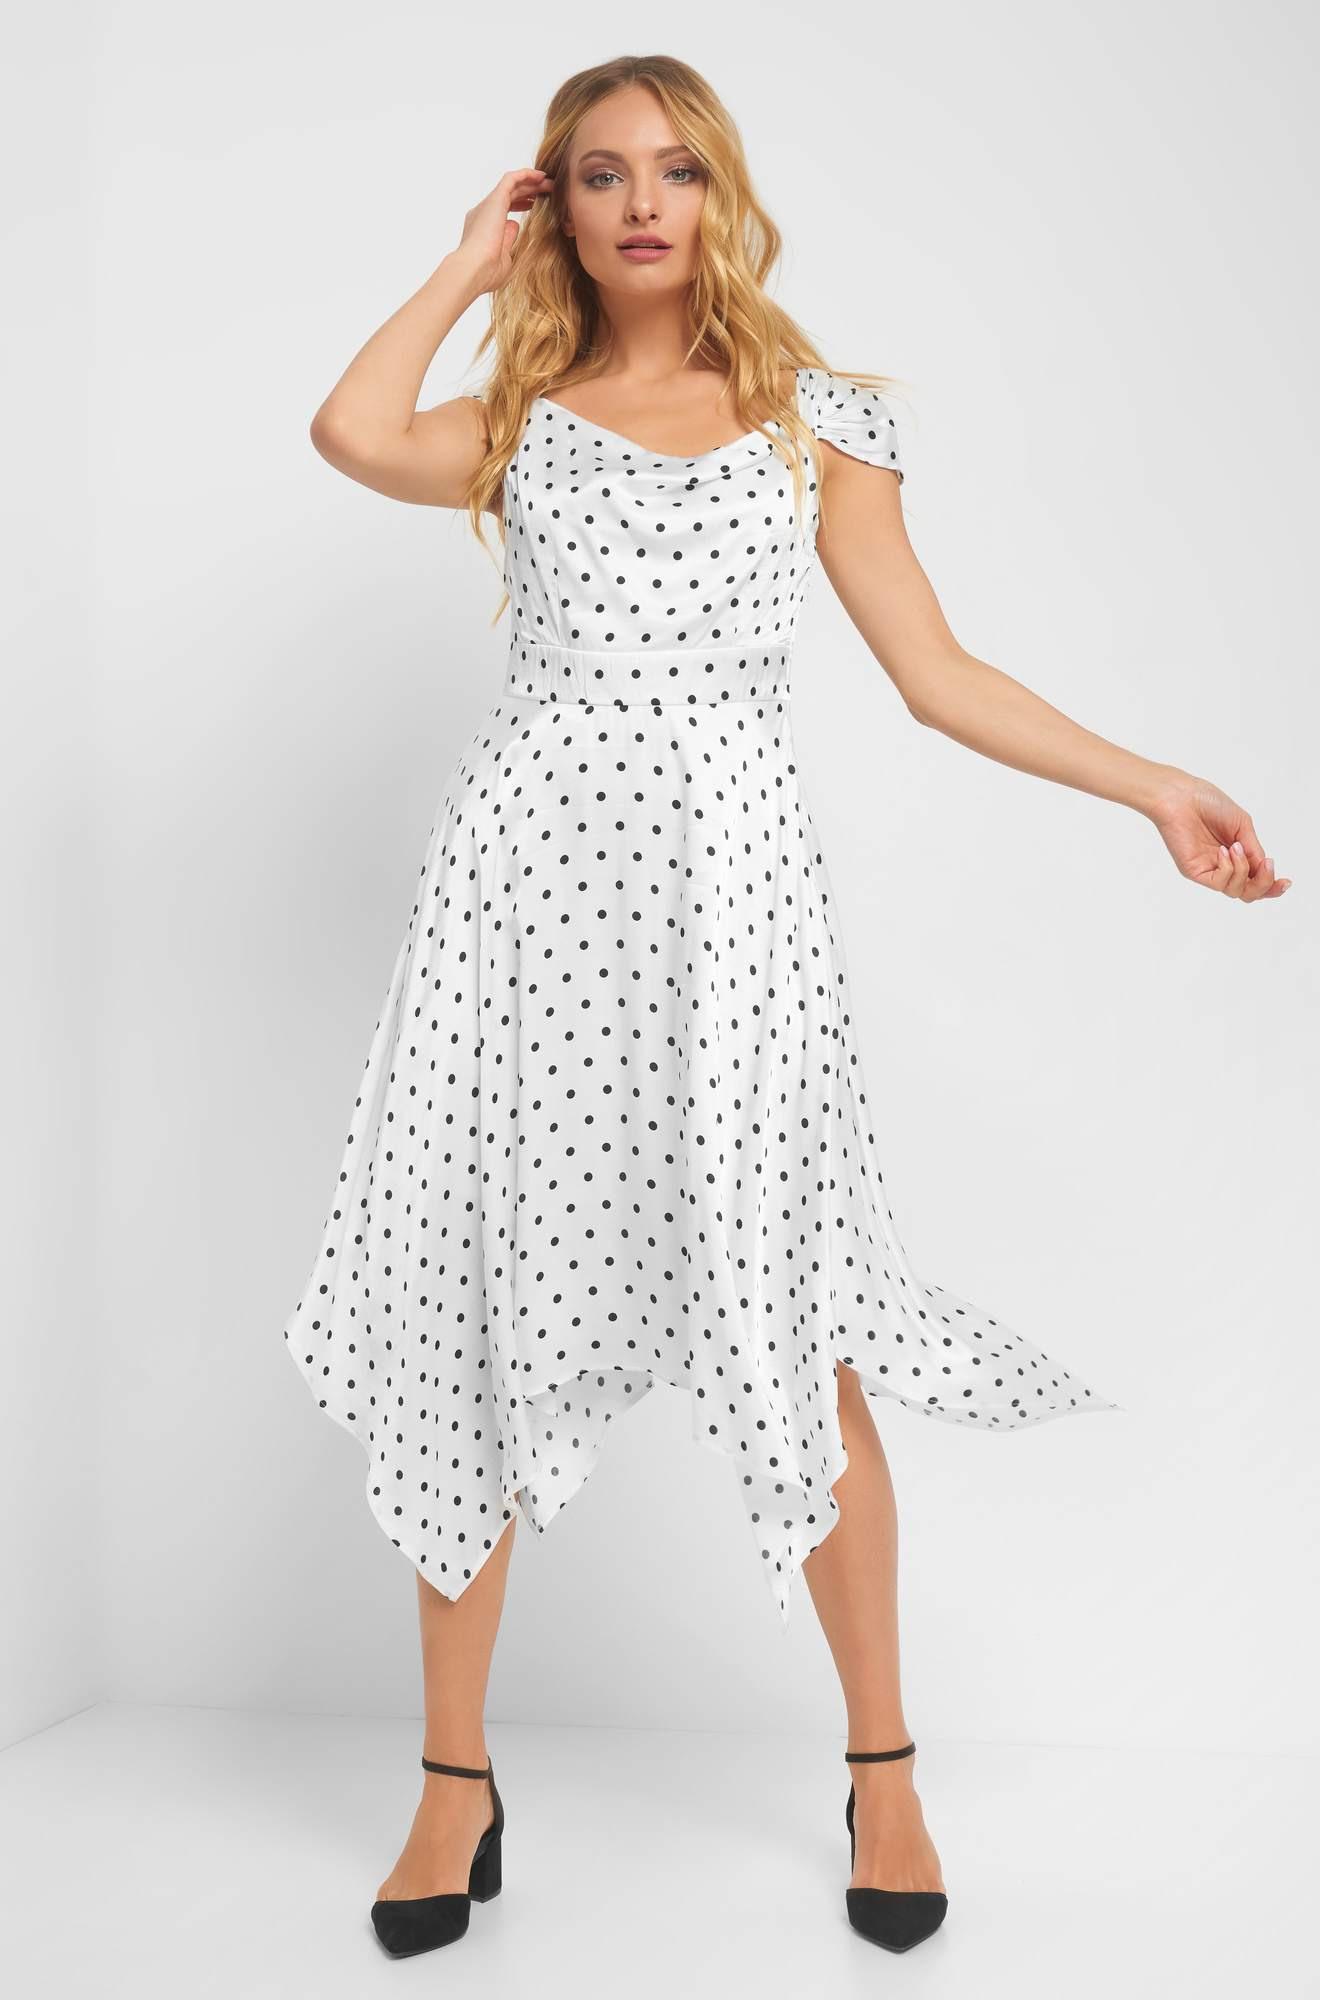 Abend Schön Kleid Mit Punkten SpezialgebietFormal Großartig Kleid Mit Punkten für 2019